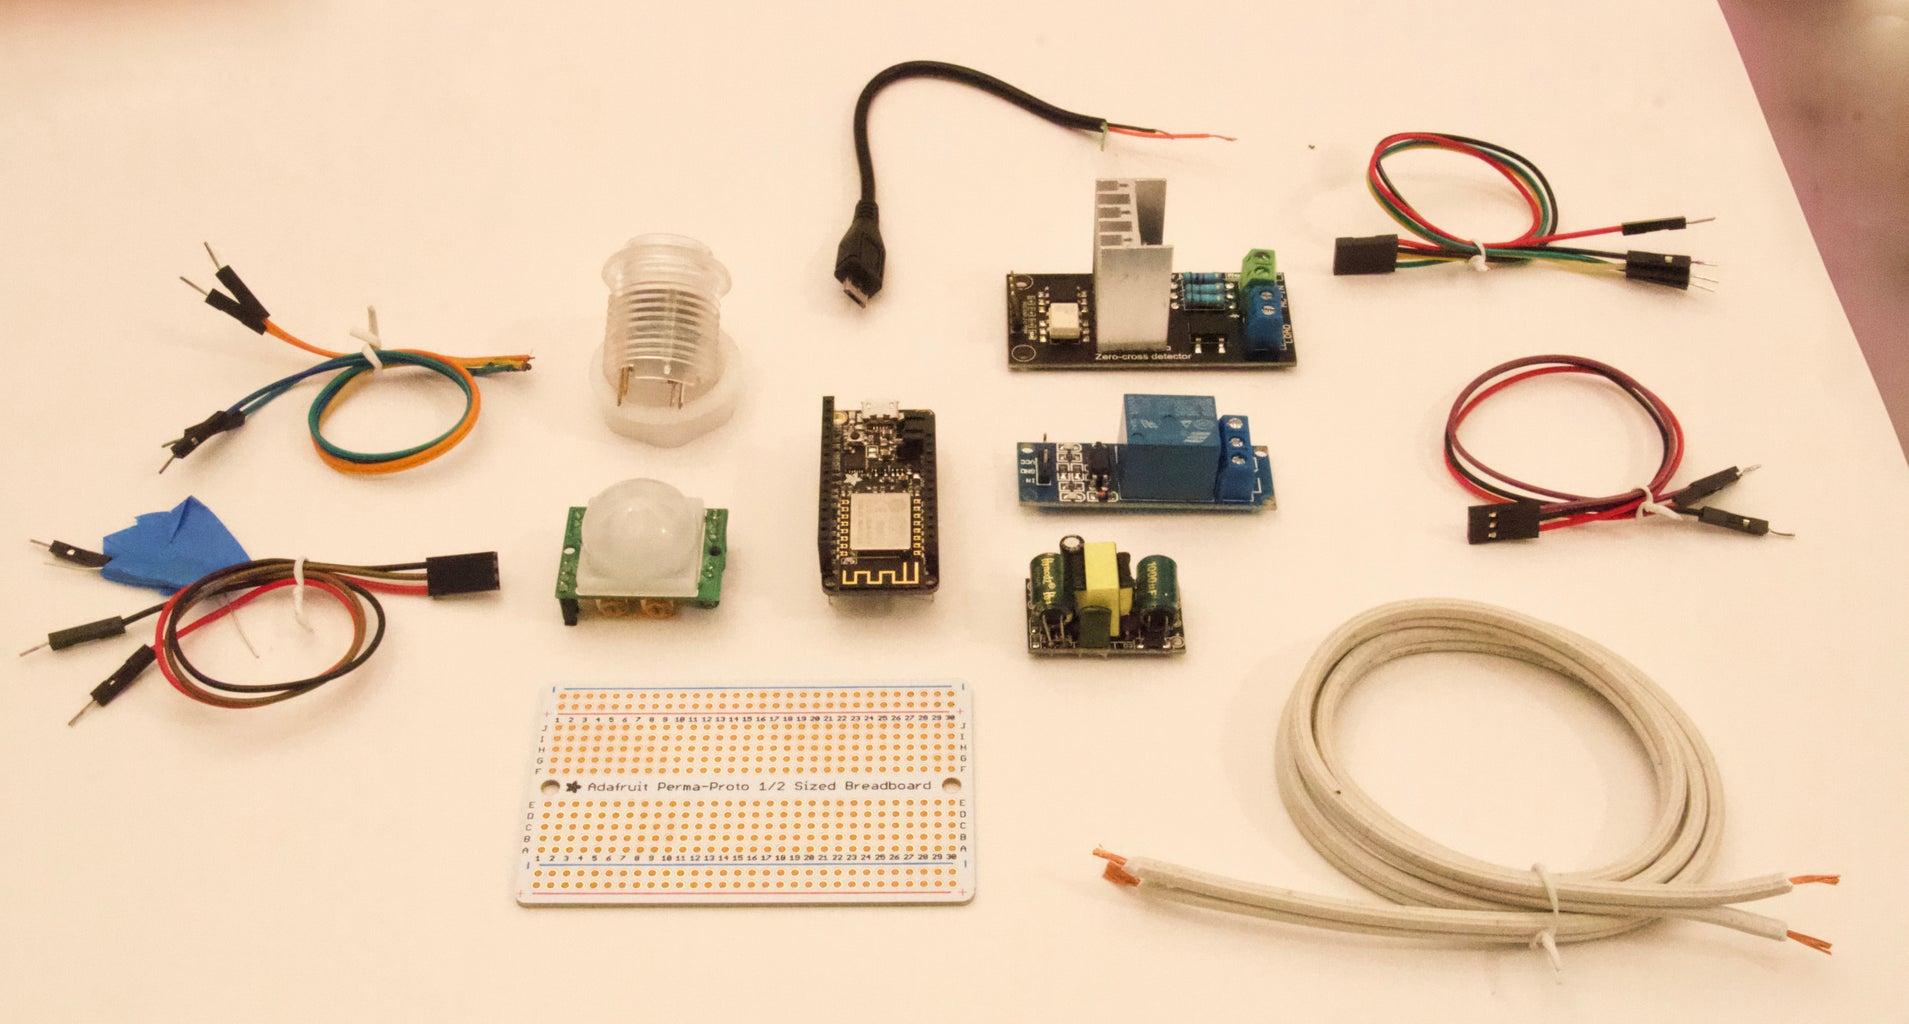 Parts, Tools, Supplies